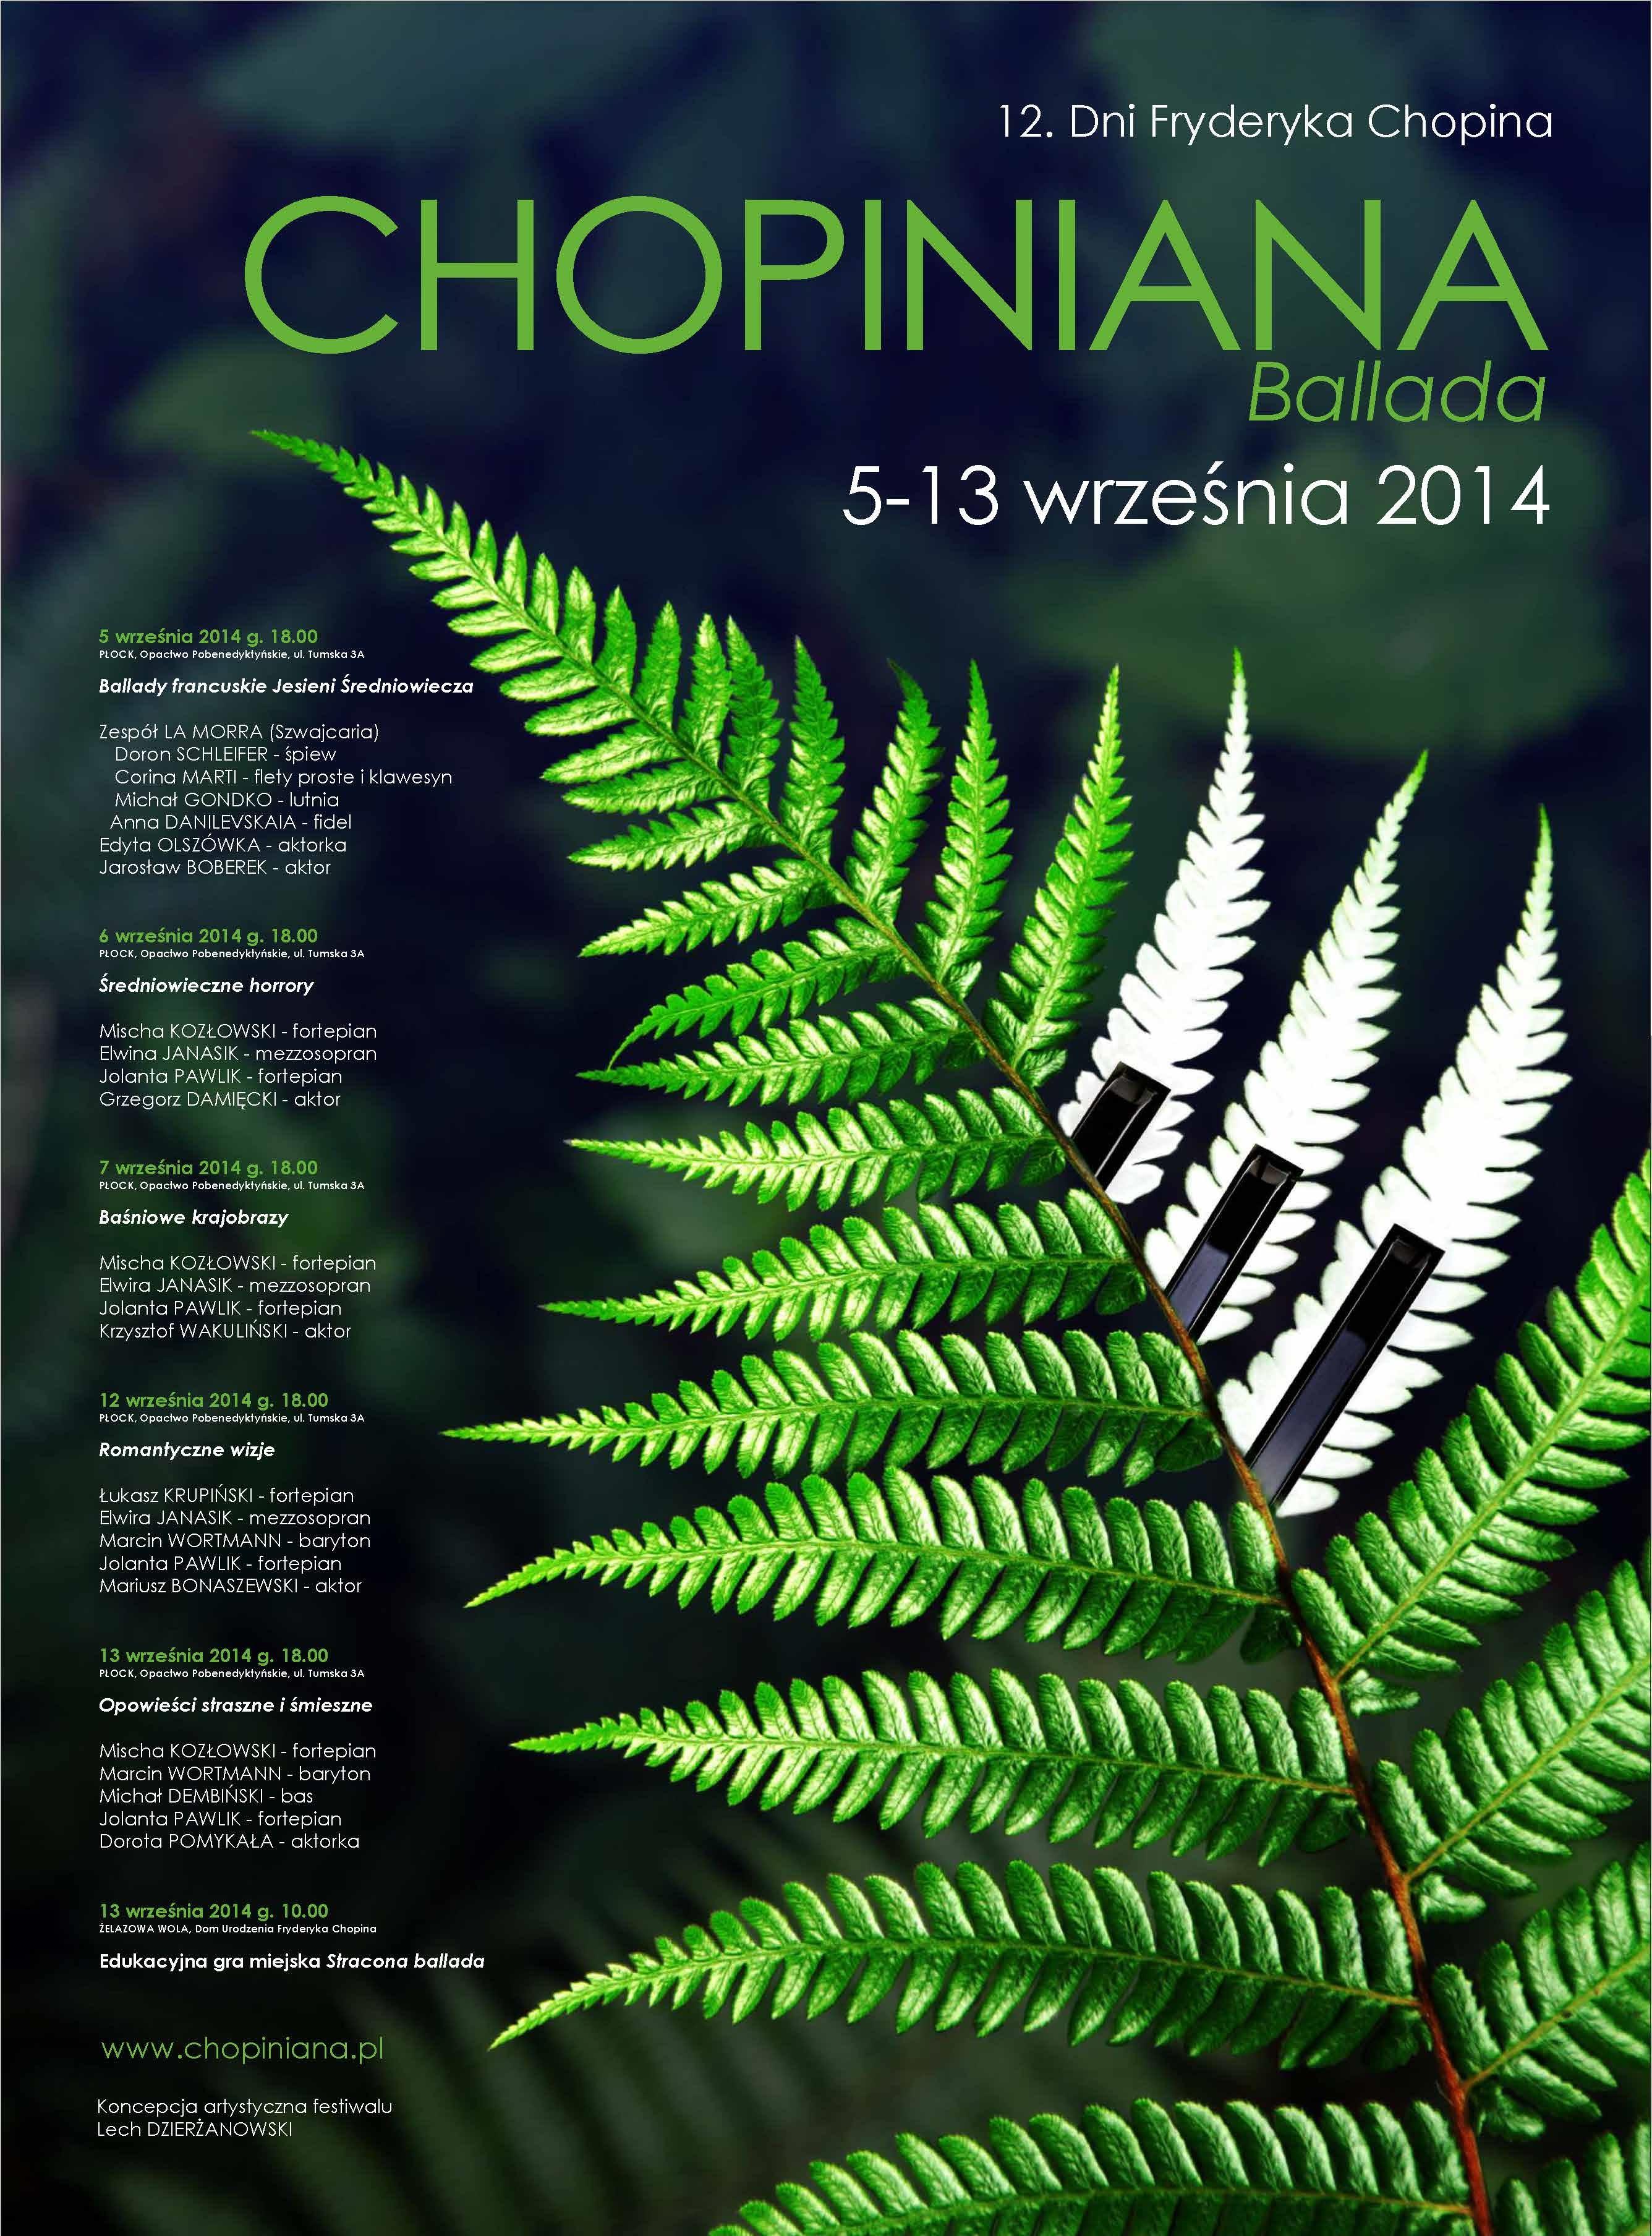 """Plakat 12 dni Fryderyka Chopina """"Chopiniana"""", (źródło: materiały prasowe organizatora)"""